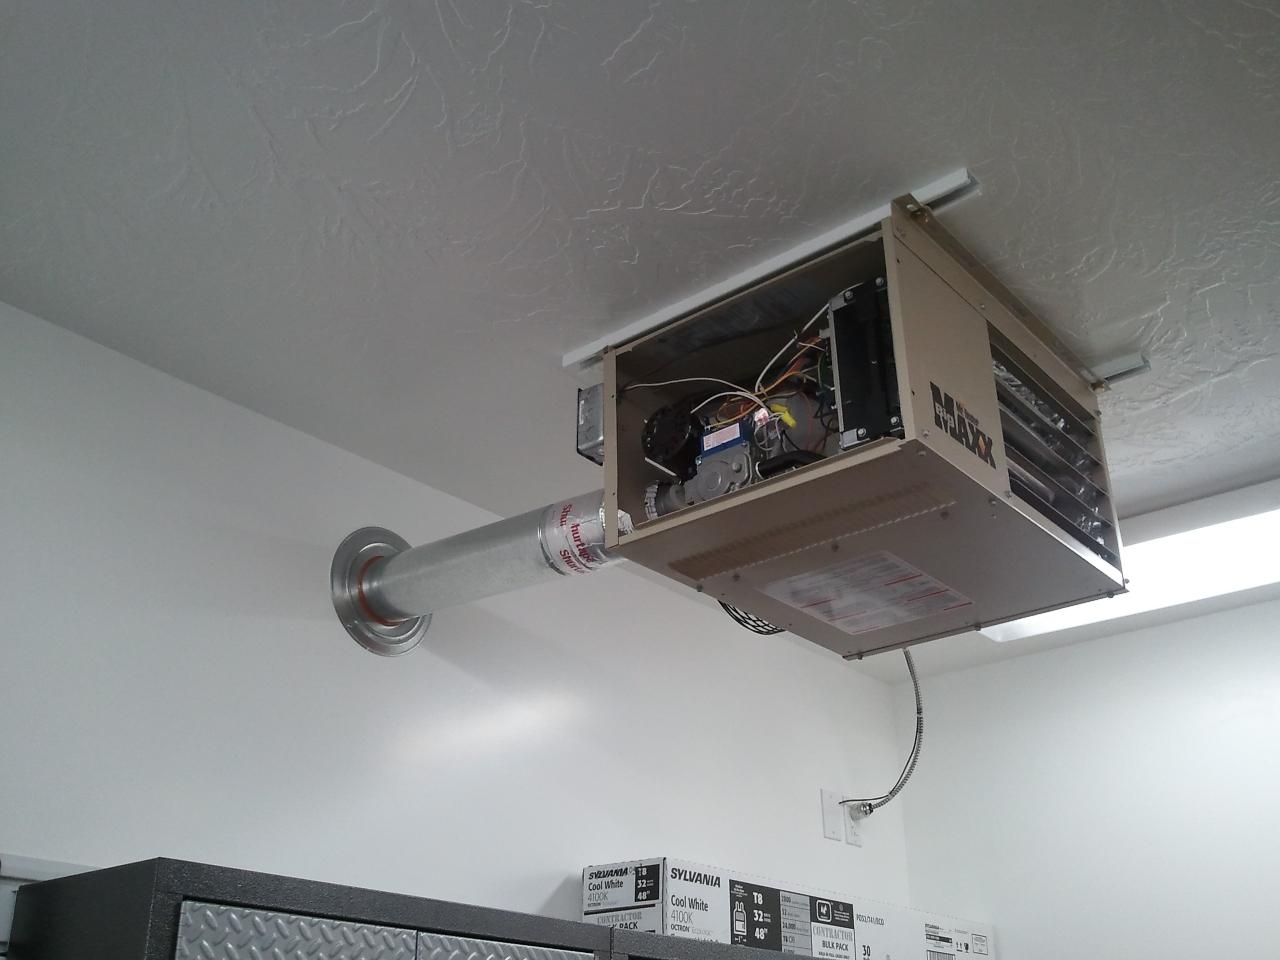 modine pdp 150 wiring diagram audi a6 c7 towbar vented propane garage furnace dandk organizer